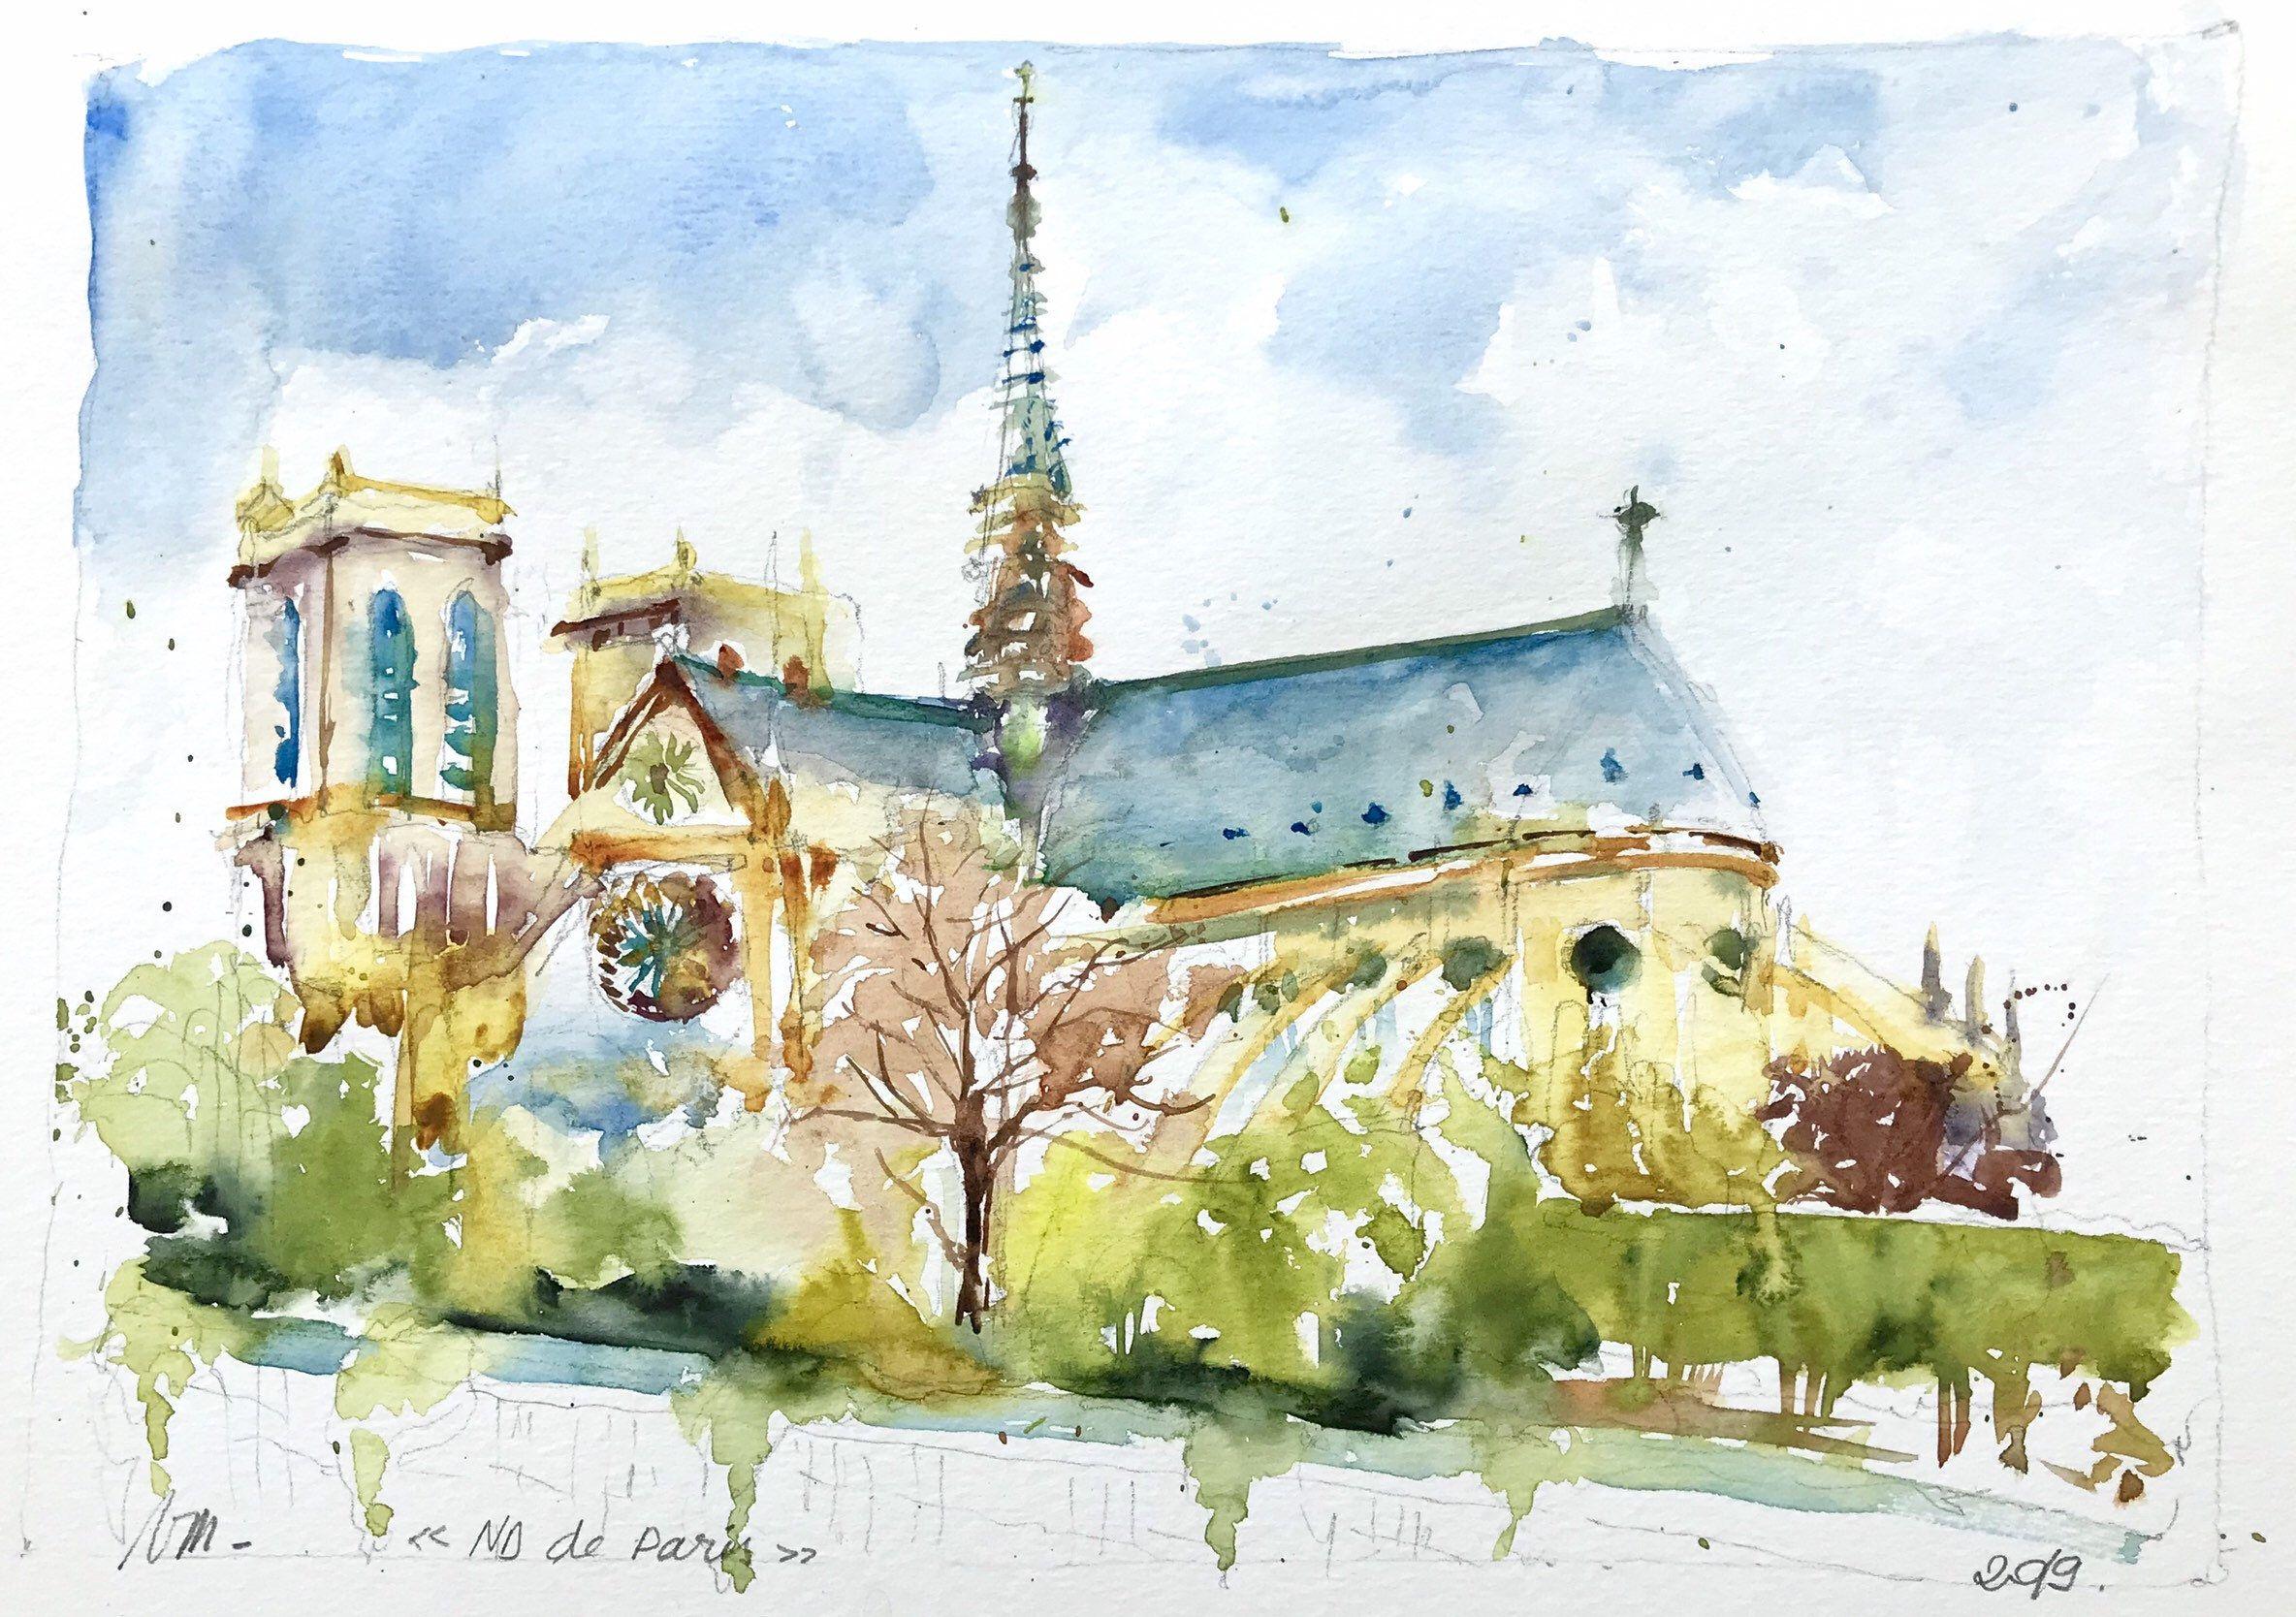 Aquarelle Peinture Originale Notre Dame De Paris Cathedrale